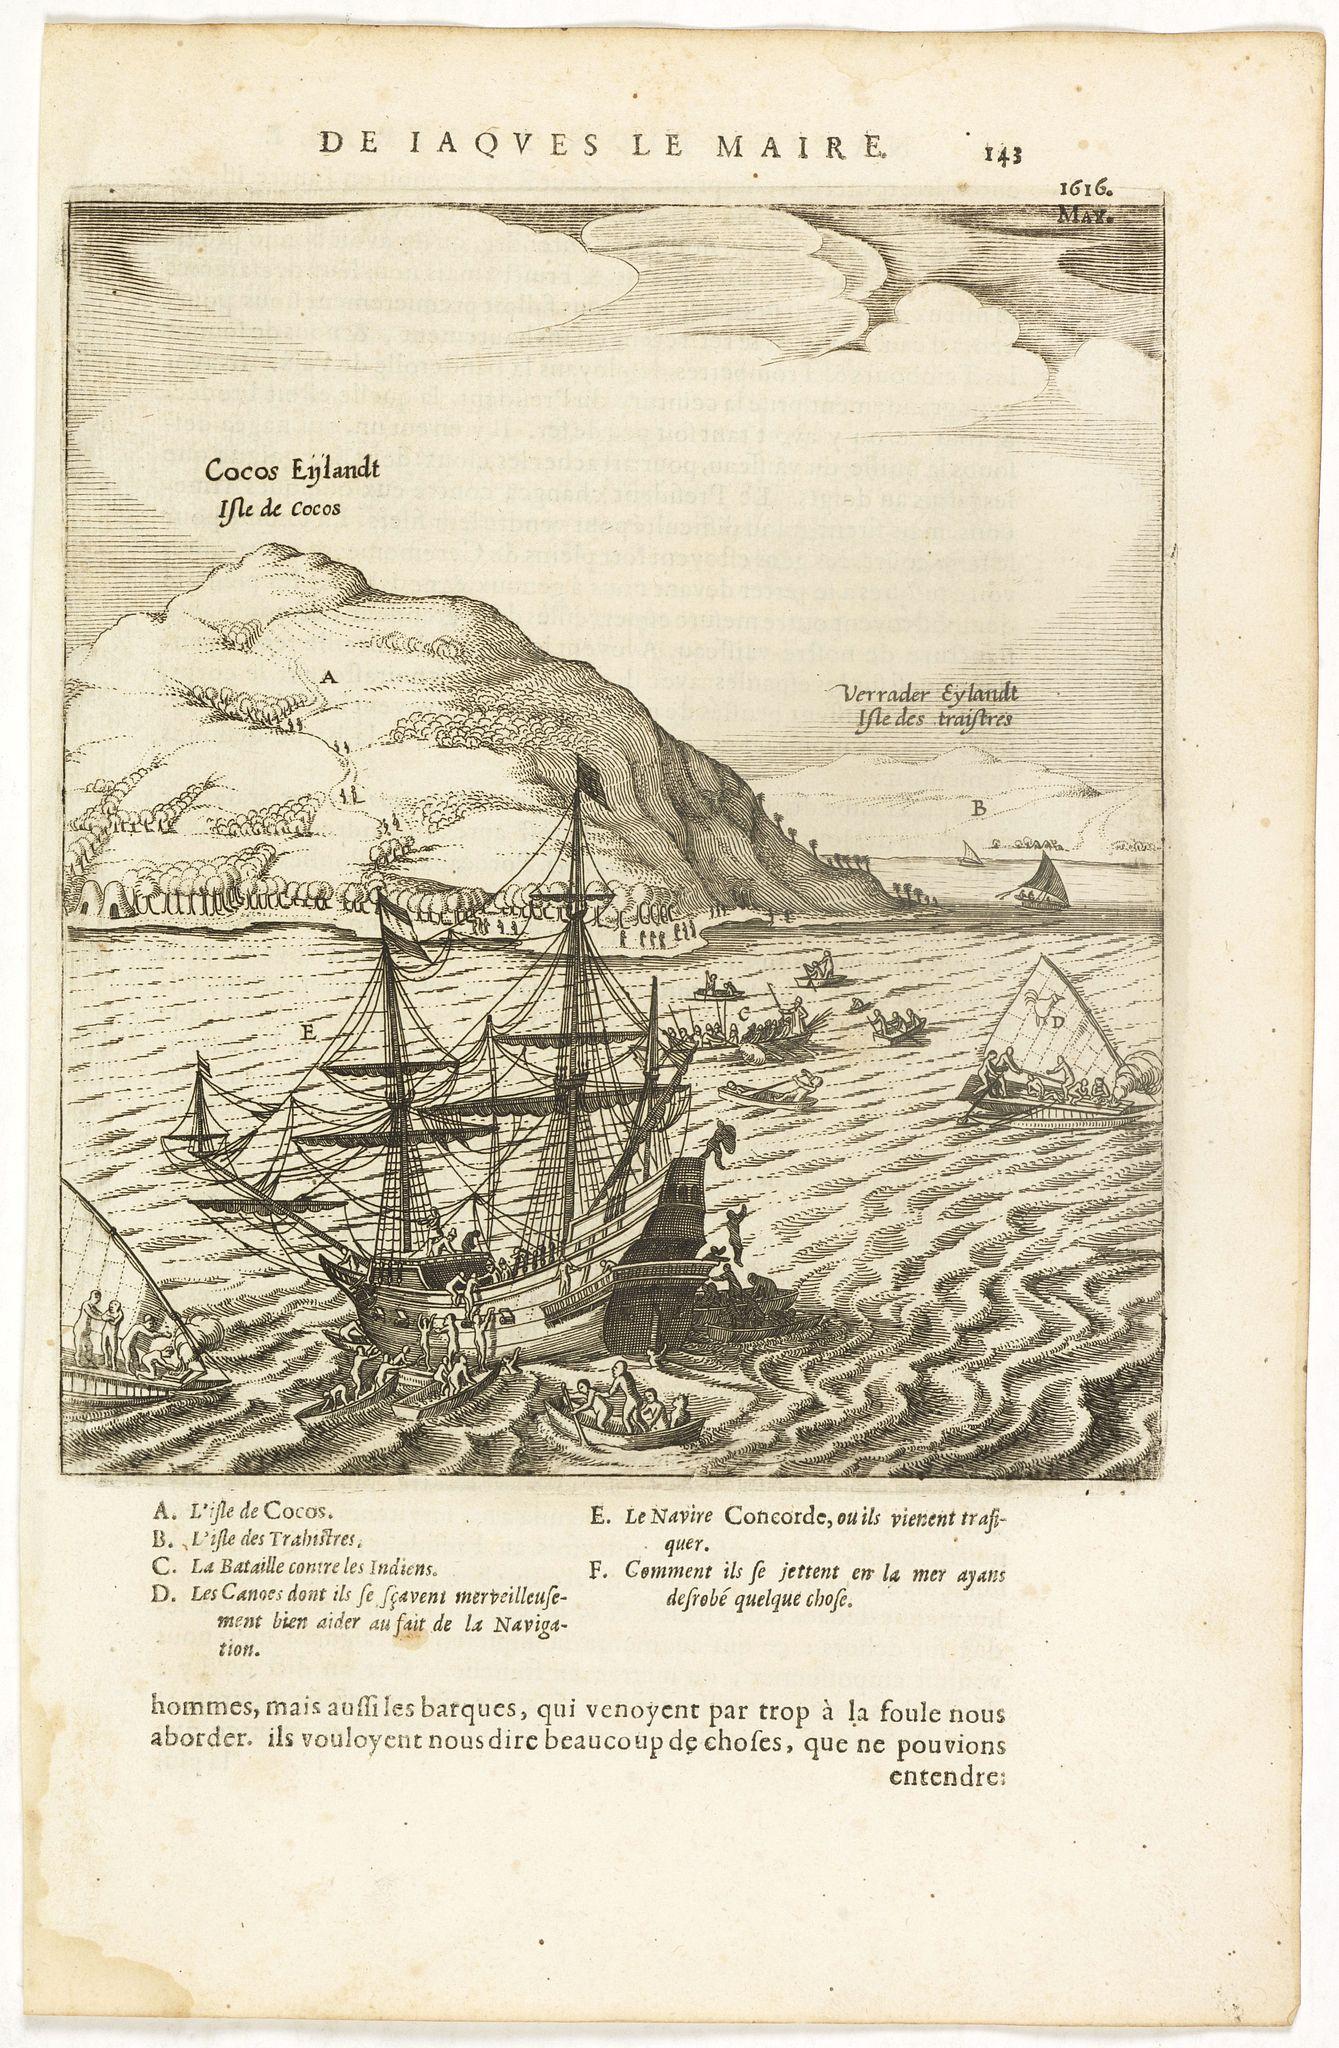 HERRERA y TORDESILLAS, A. de -  Cocos Eijlandt Isle de Cocos.